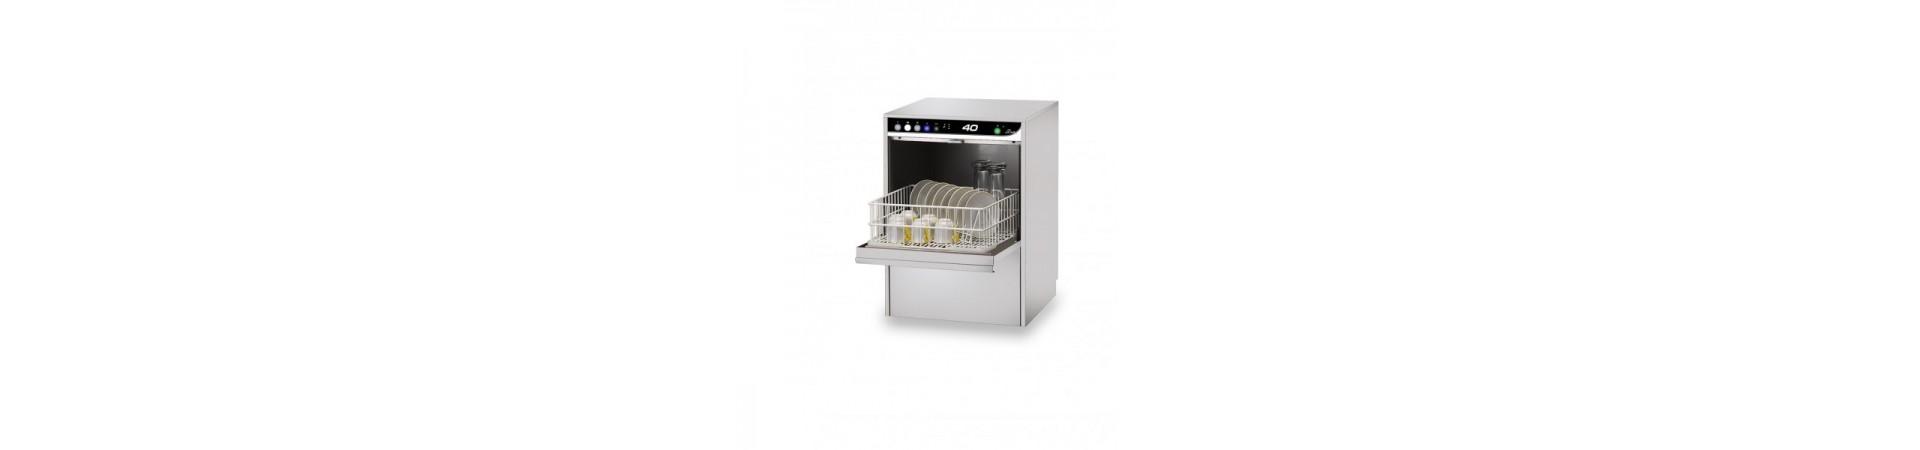 Compra hoy lavavasos, máquinas pensadas para el lavado de vasos y copas,con garantía.